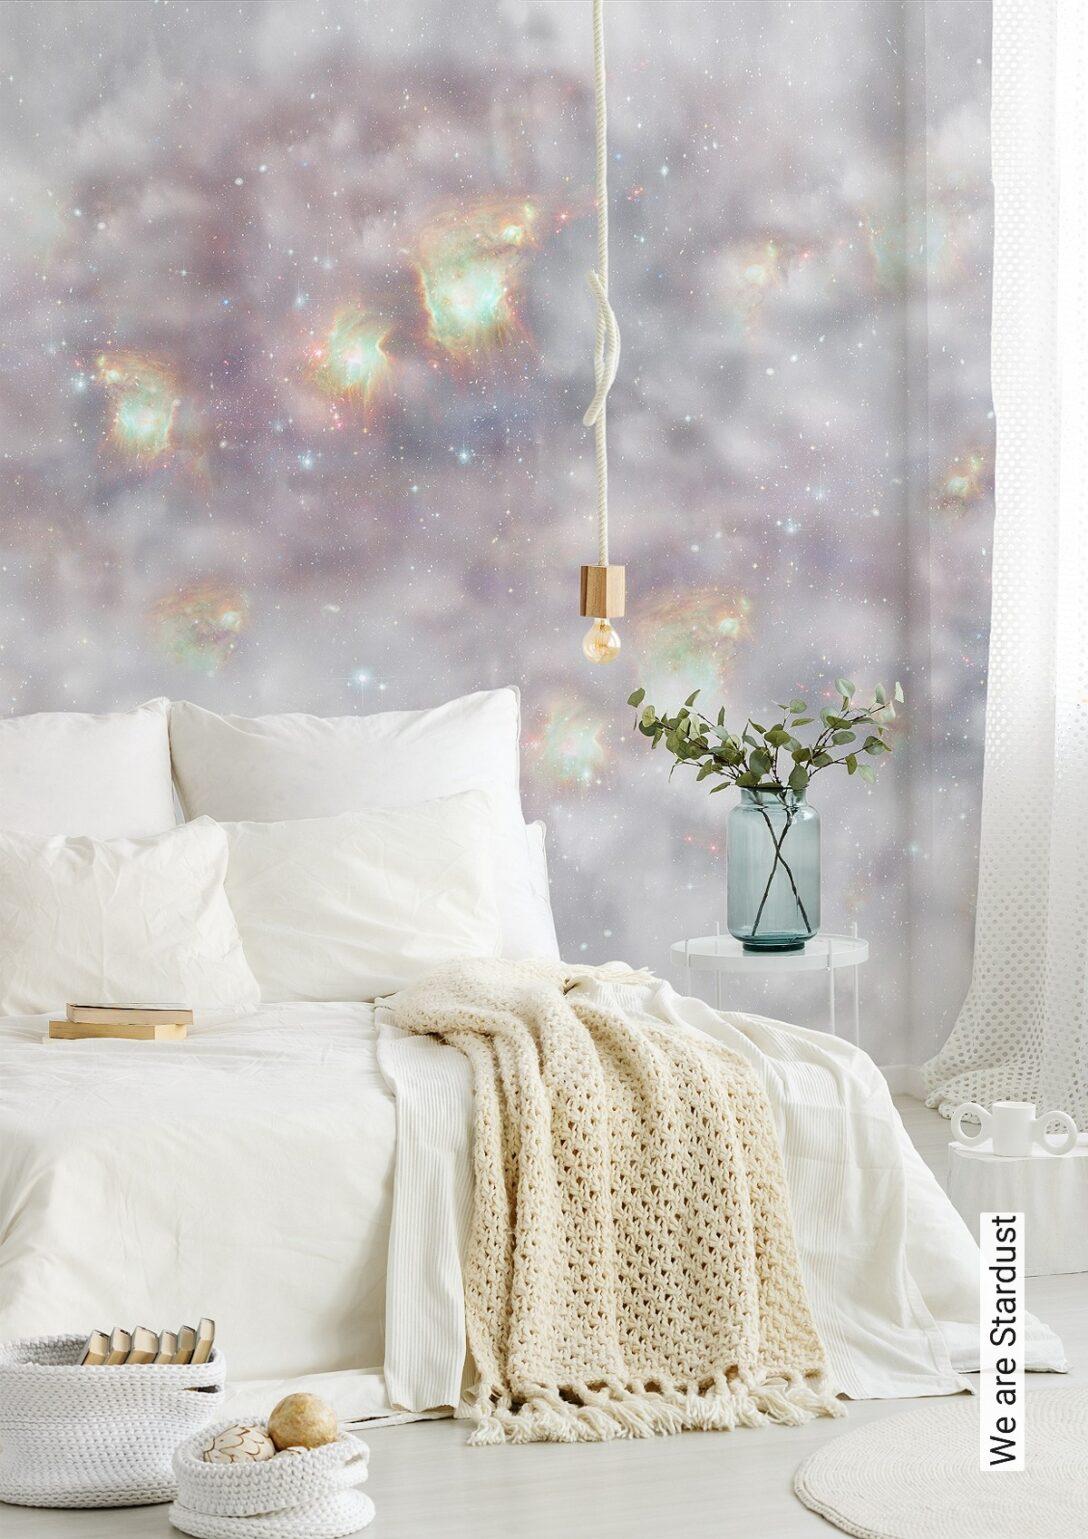 Large Size of Schlafzimmer Tapeten 2020 Tapete We Are Stardust Elli Popp Tapetenagenturde Wandtattoos Set Mit Matratze Und Lattenrost Komplett Rauch Wandlampe Wohnzimmer Schlafzimmer Tapeten 2020